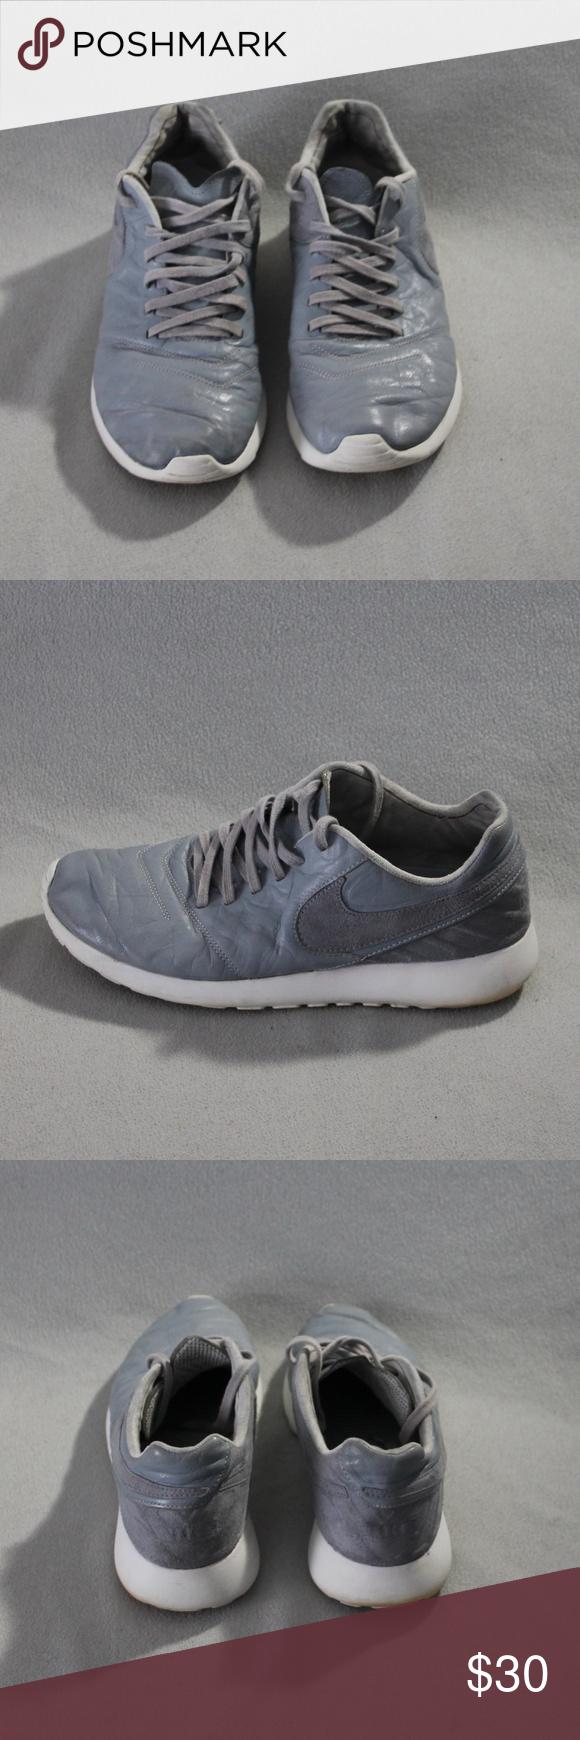 f3e4ce899612 Nike Roshe Tiempo VI QS Wolf Grey White Sneakers Pre-owned Nike Roshe  Tiempo VI